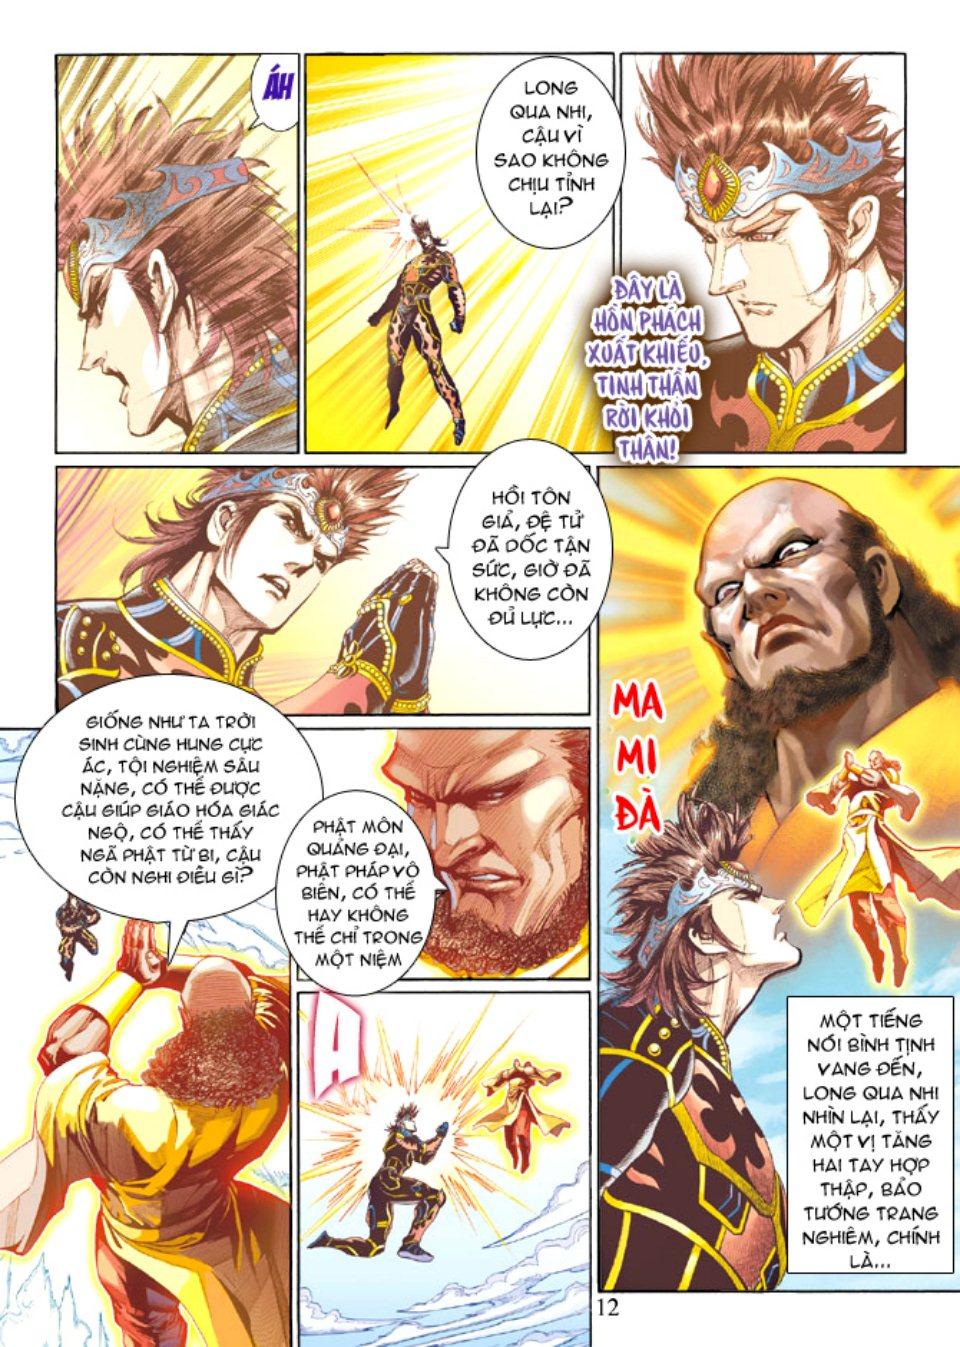 Thiên Tử Truyền Kỳ 5 - Như Lai Thần Chưởng chap 214 - Trang 12